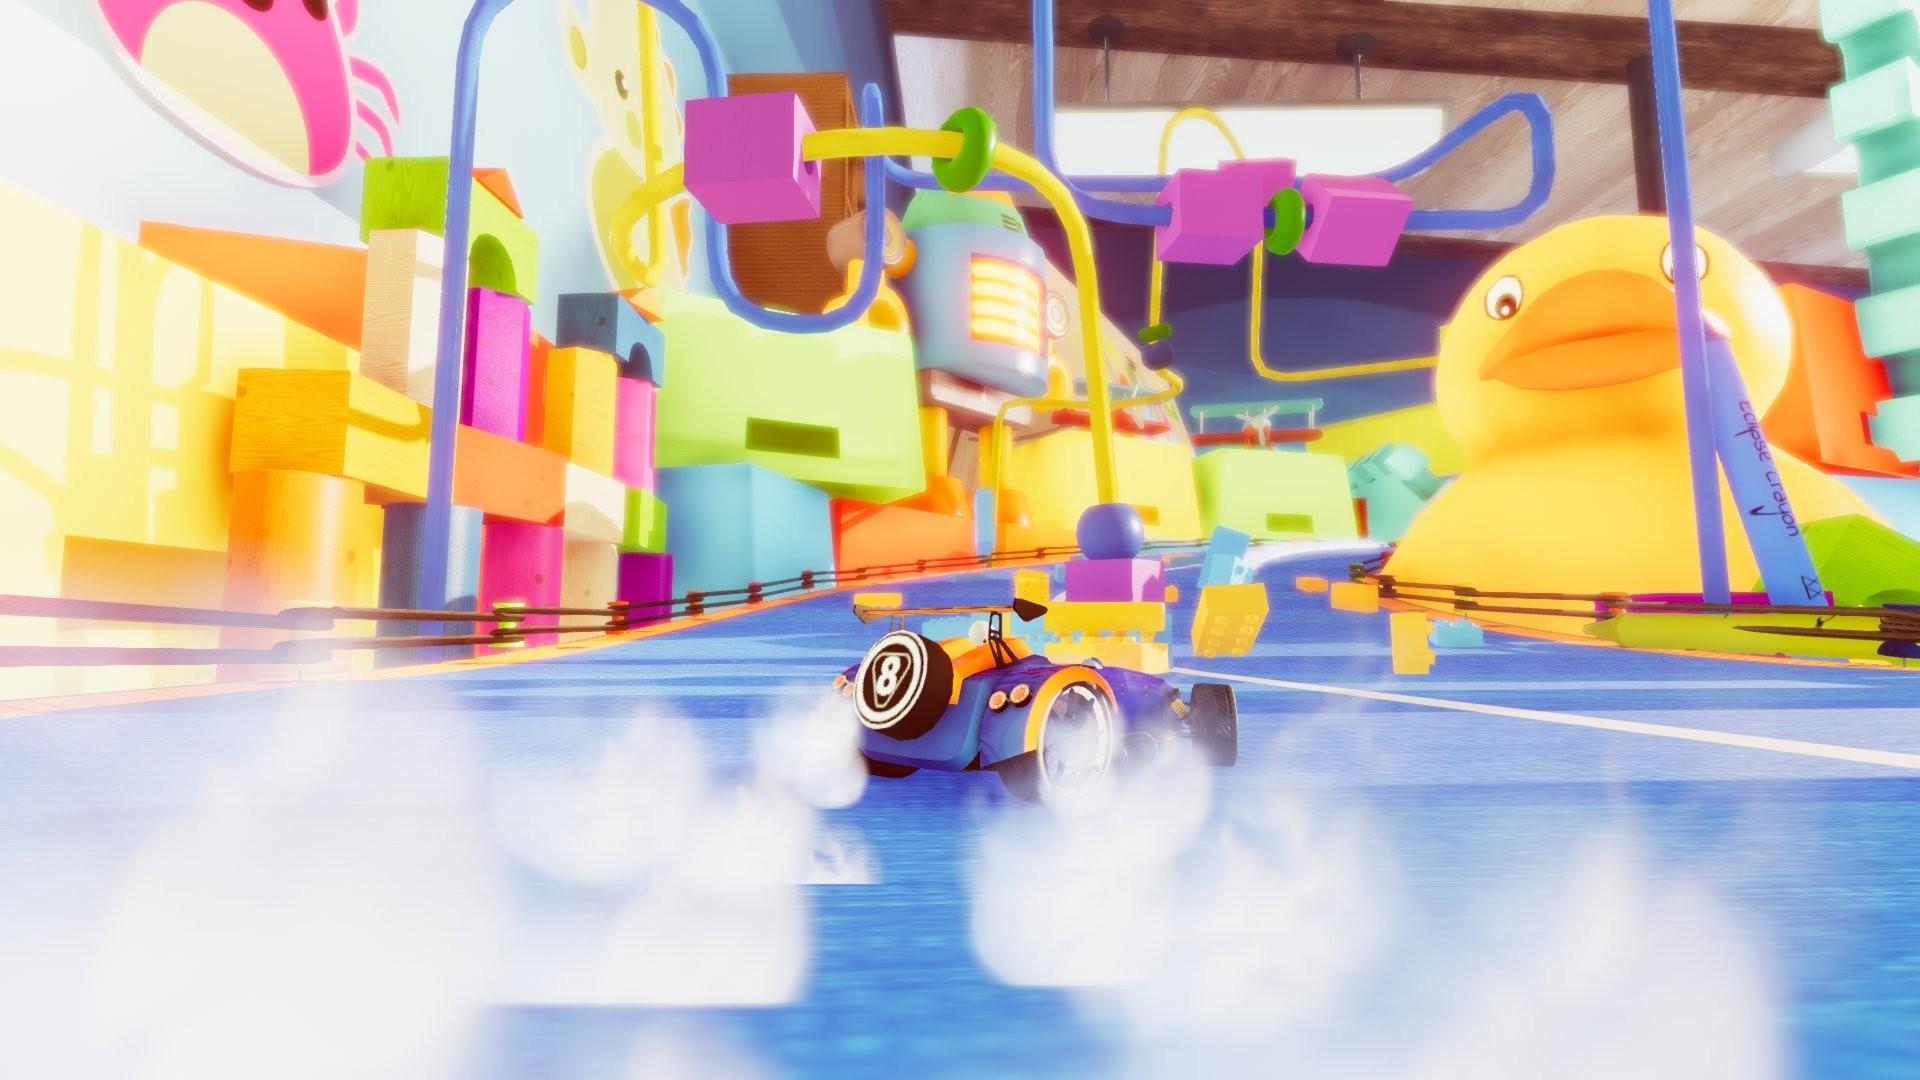 超级玩具车2图片